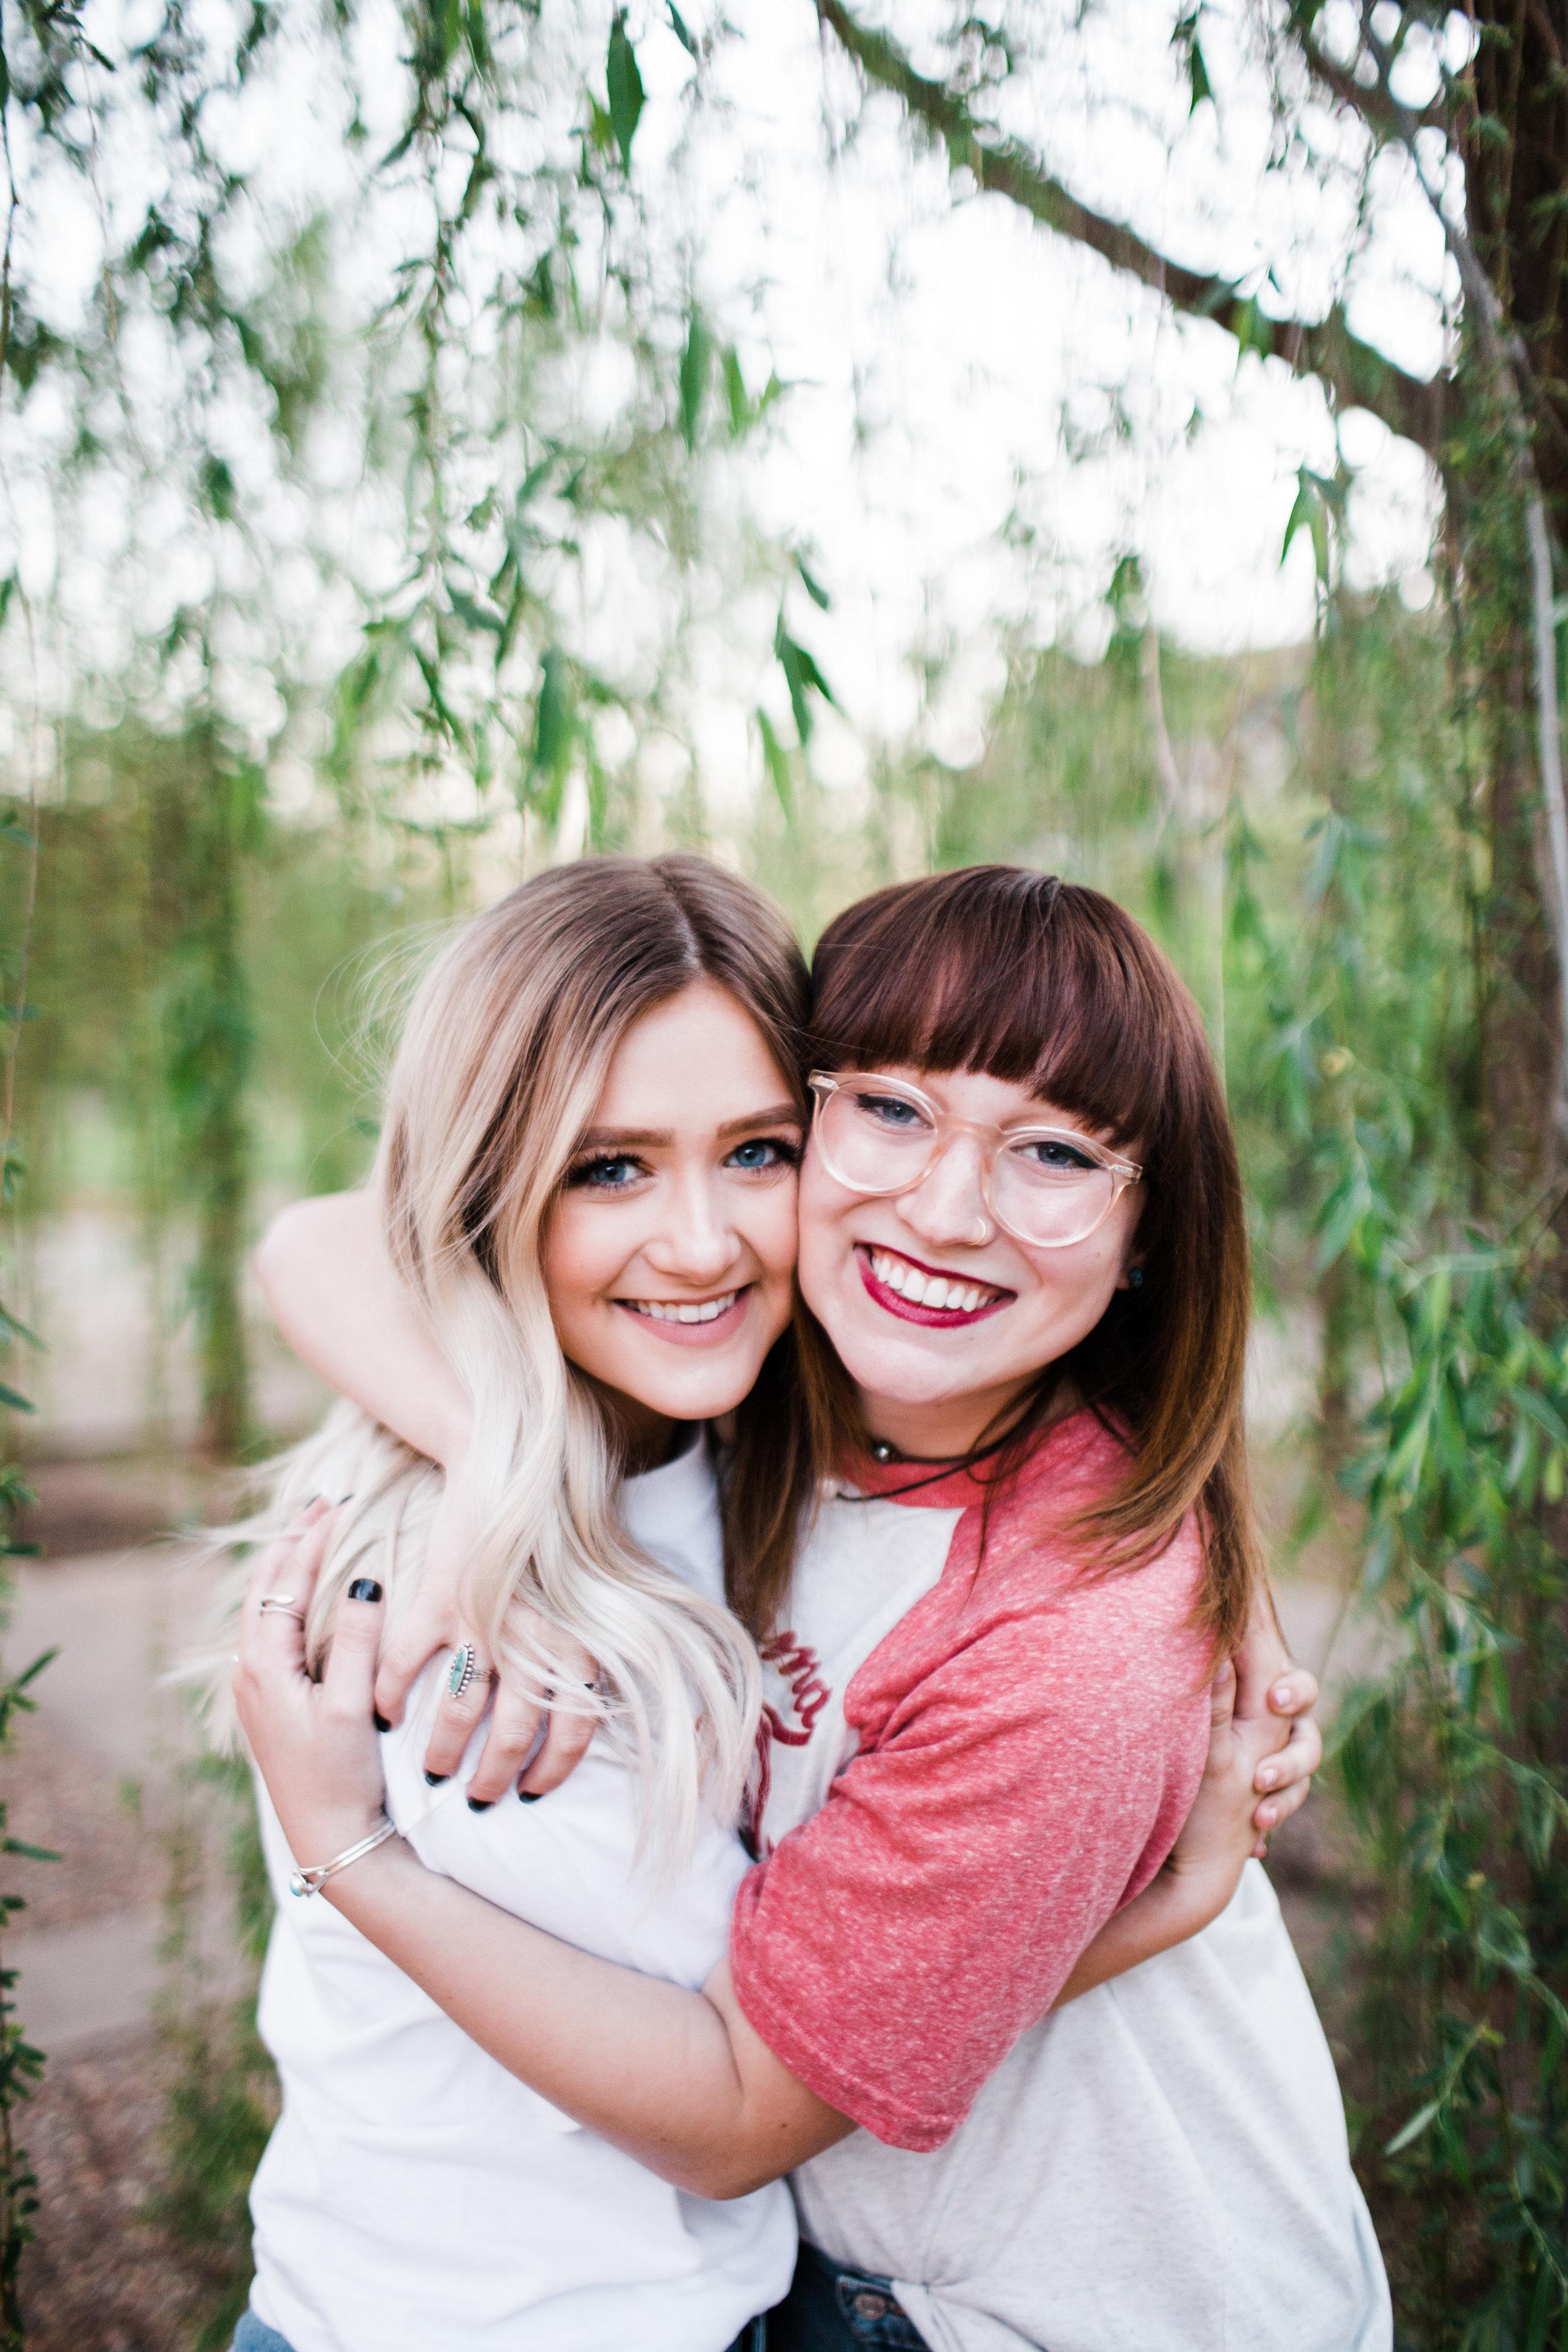 Senior girls hugging in senior portraits